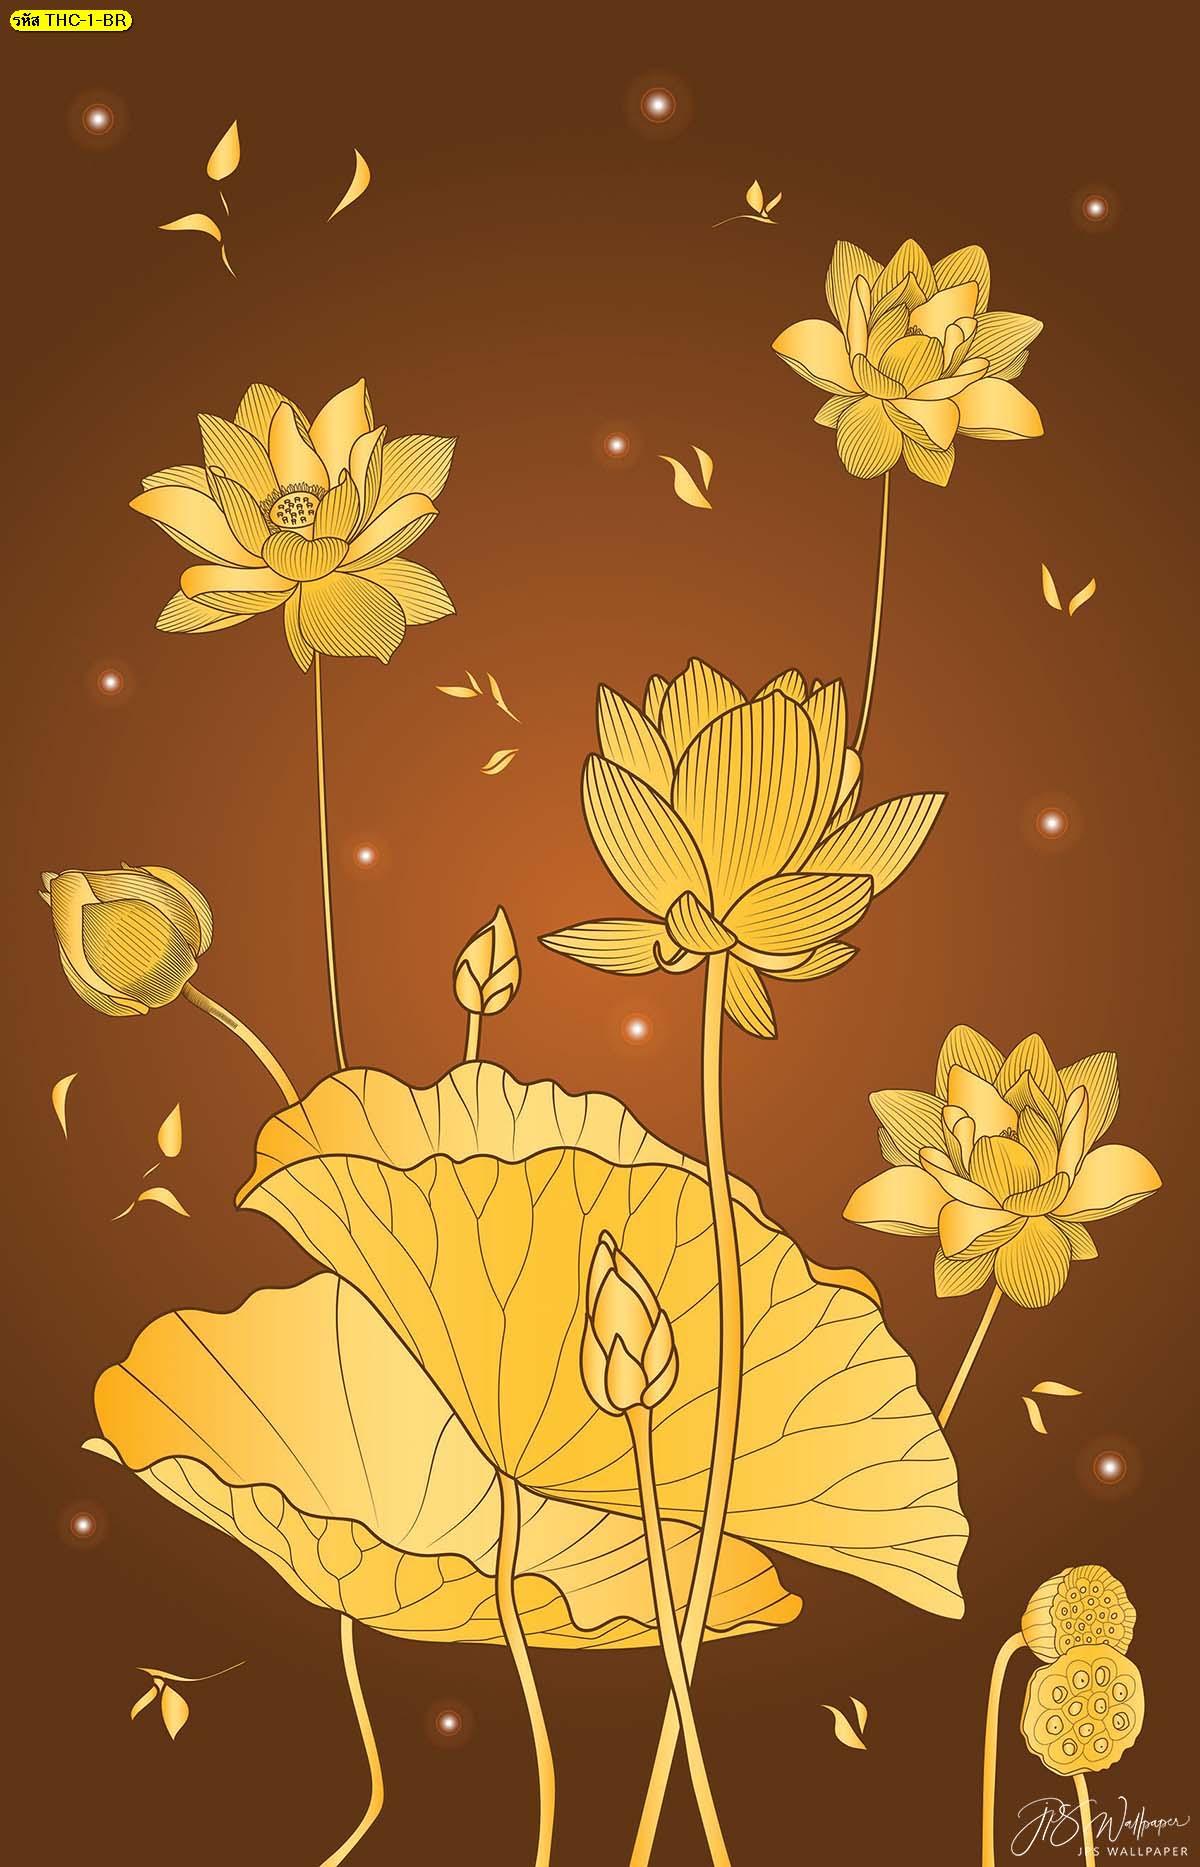 วอลเปเปอร์ลายดอกบัวทองพื้นสีน้ำตาล รูปดอกบัวบาน ฉากหลังห้องพระสวยๆ